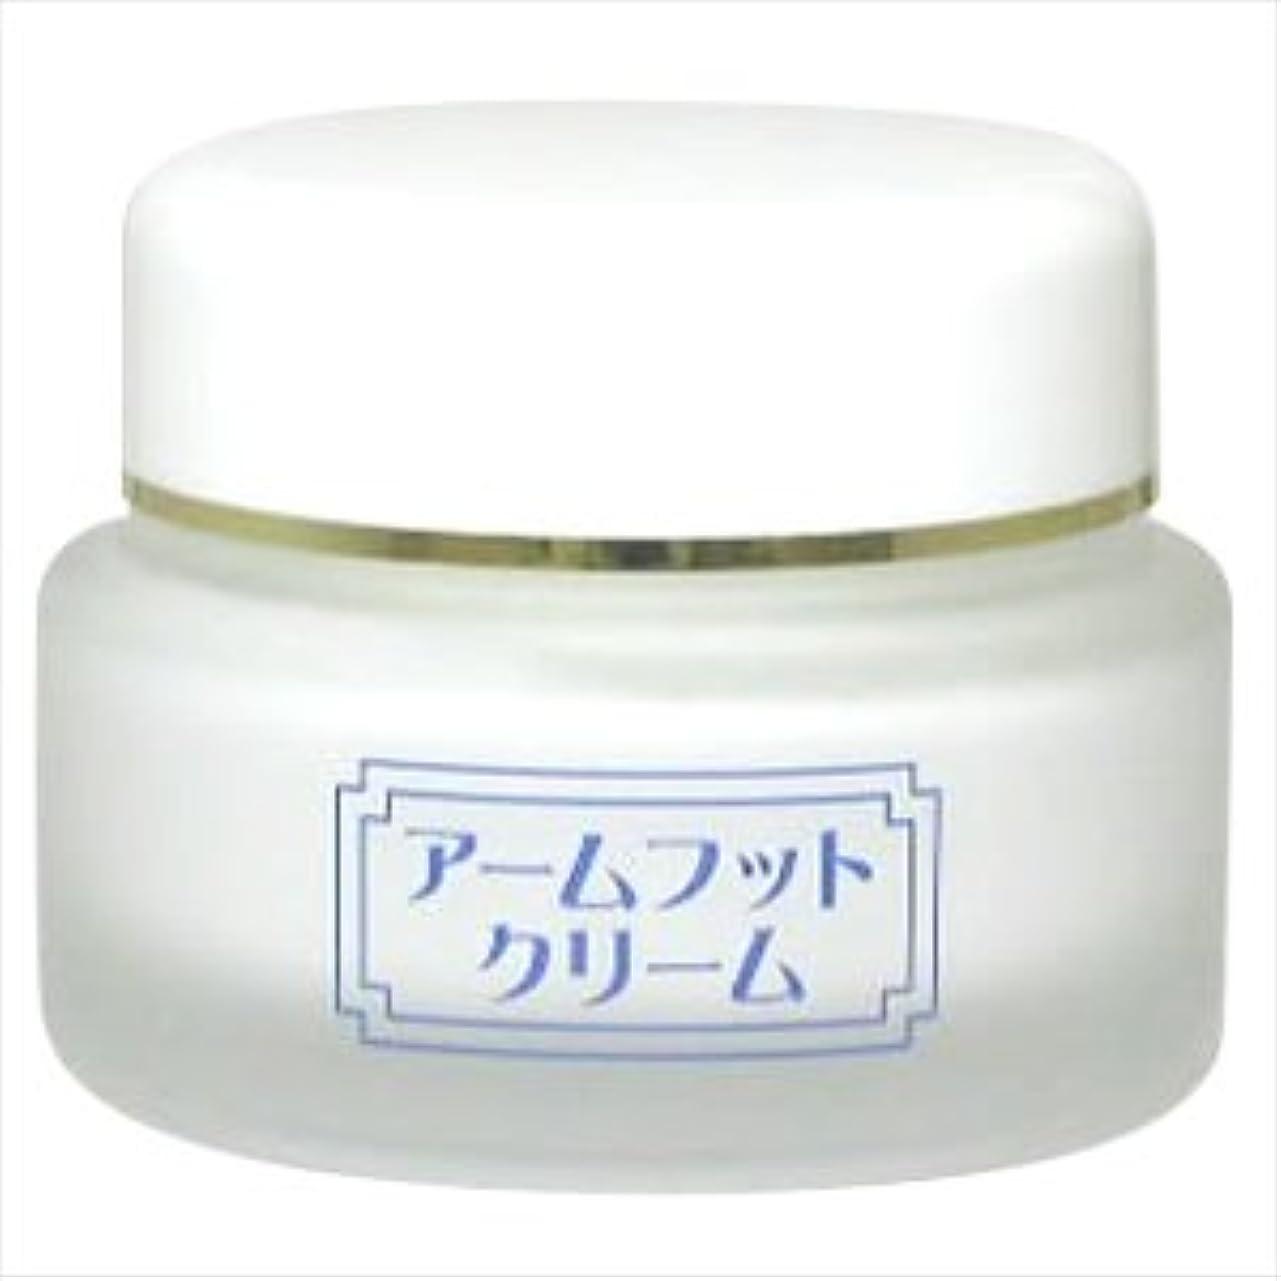 インチ脱走娘薬用デオドラントクリーム アームフットクリーム(20g) (1個)